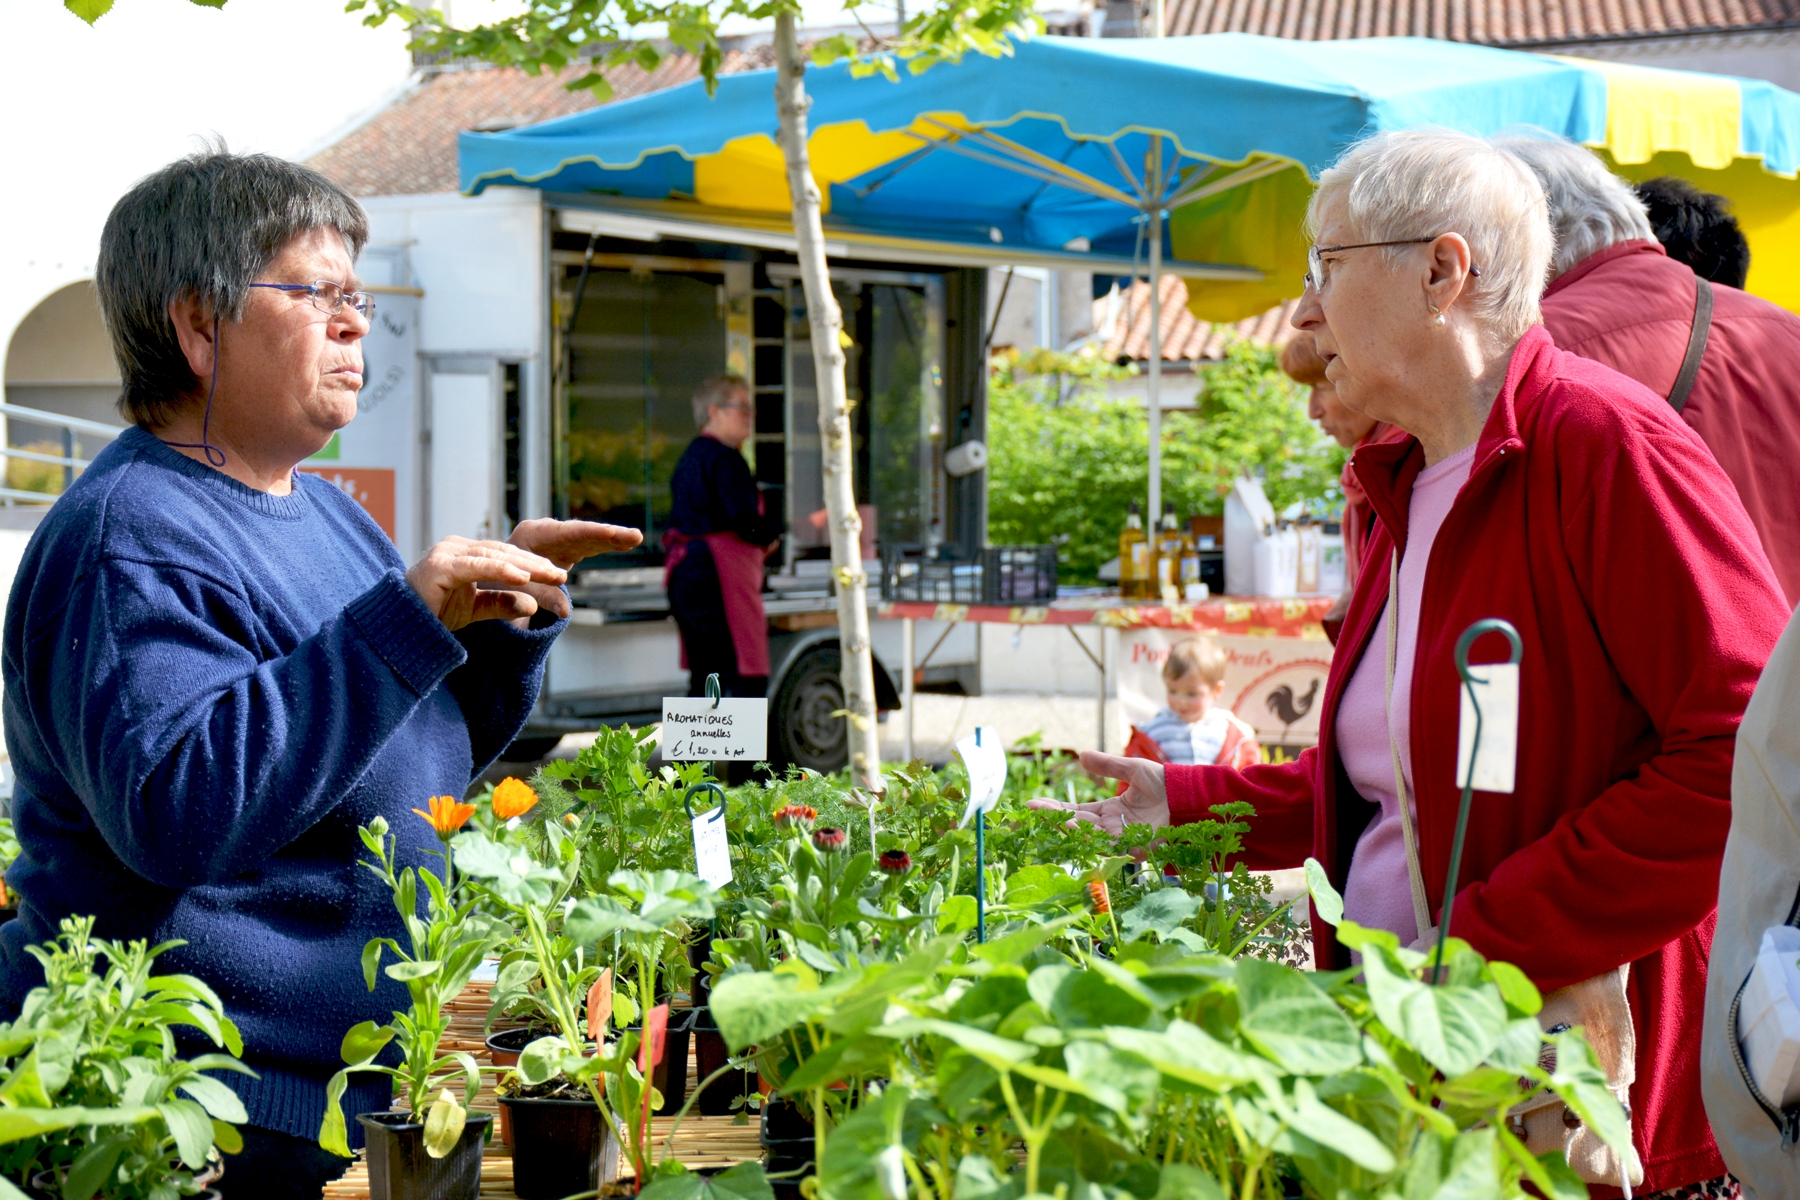 Le marché bio de Villeneuve-sur-Lot aujourd'hui: plus que jamais actif!